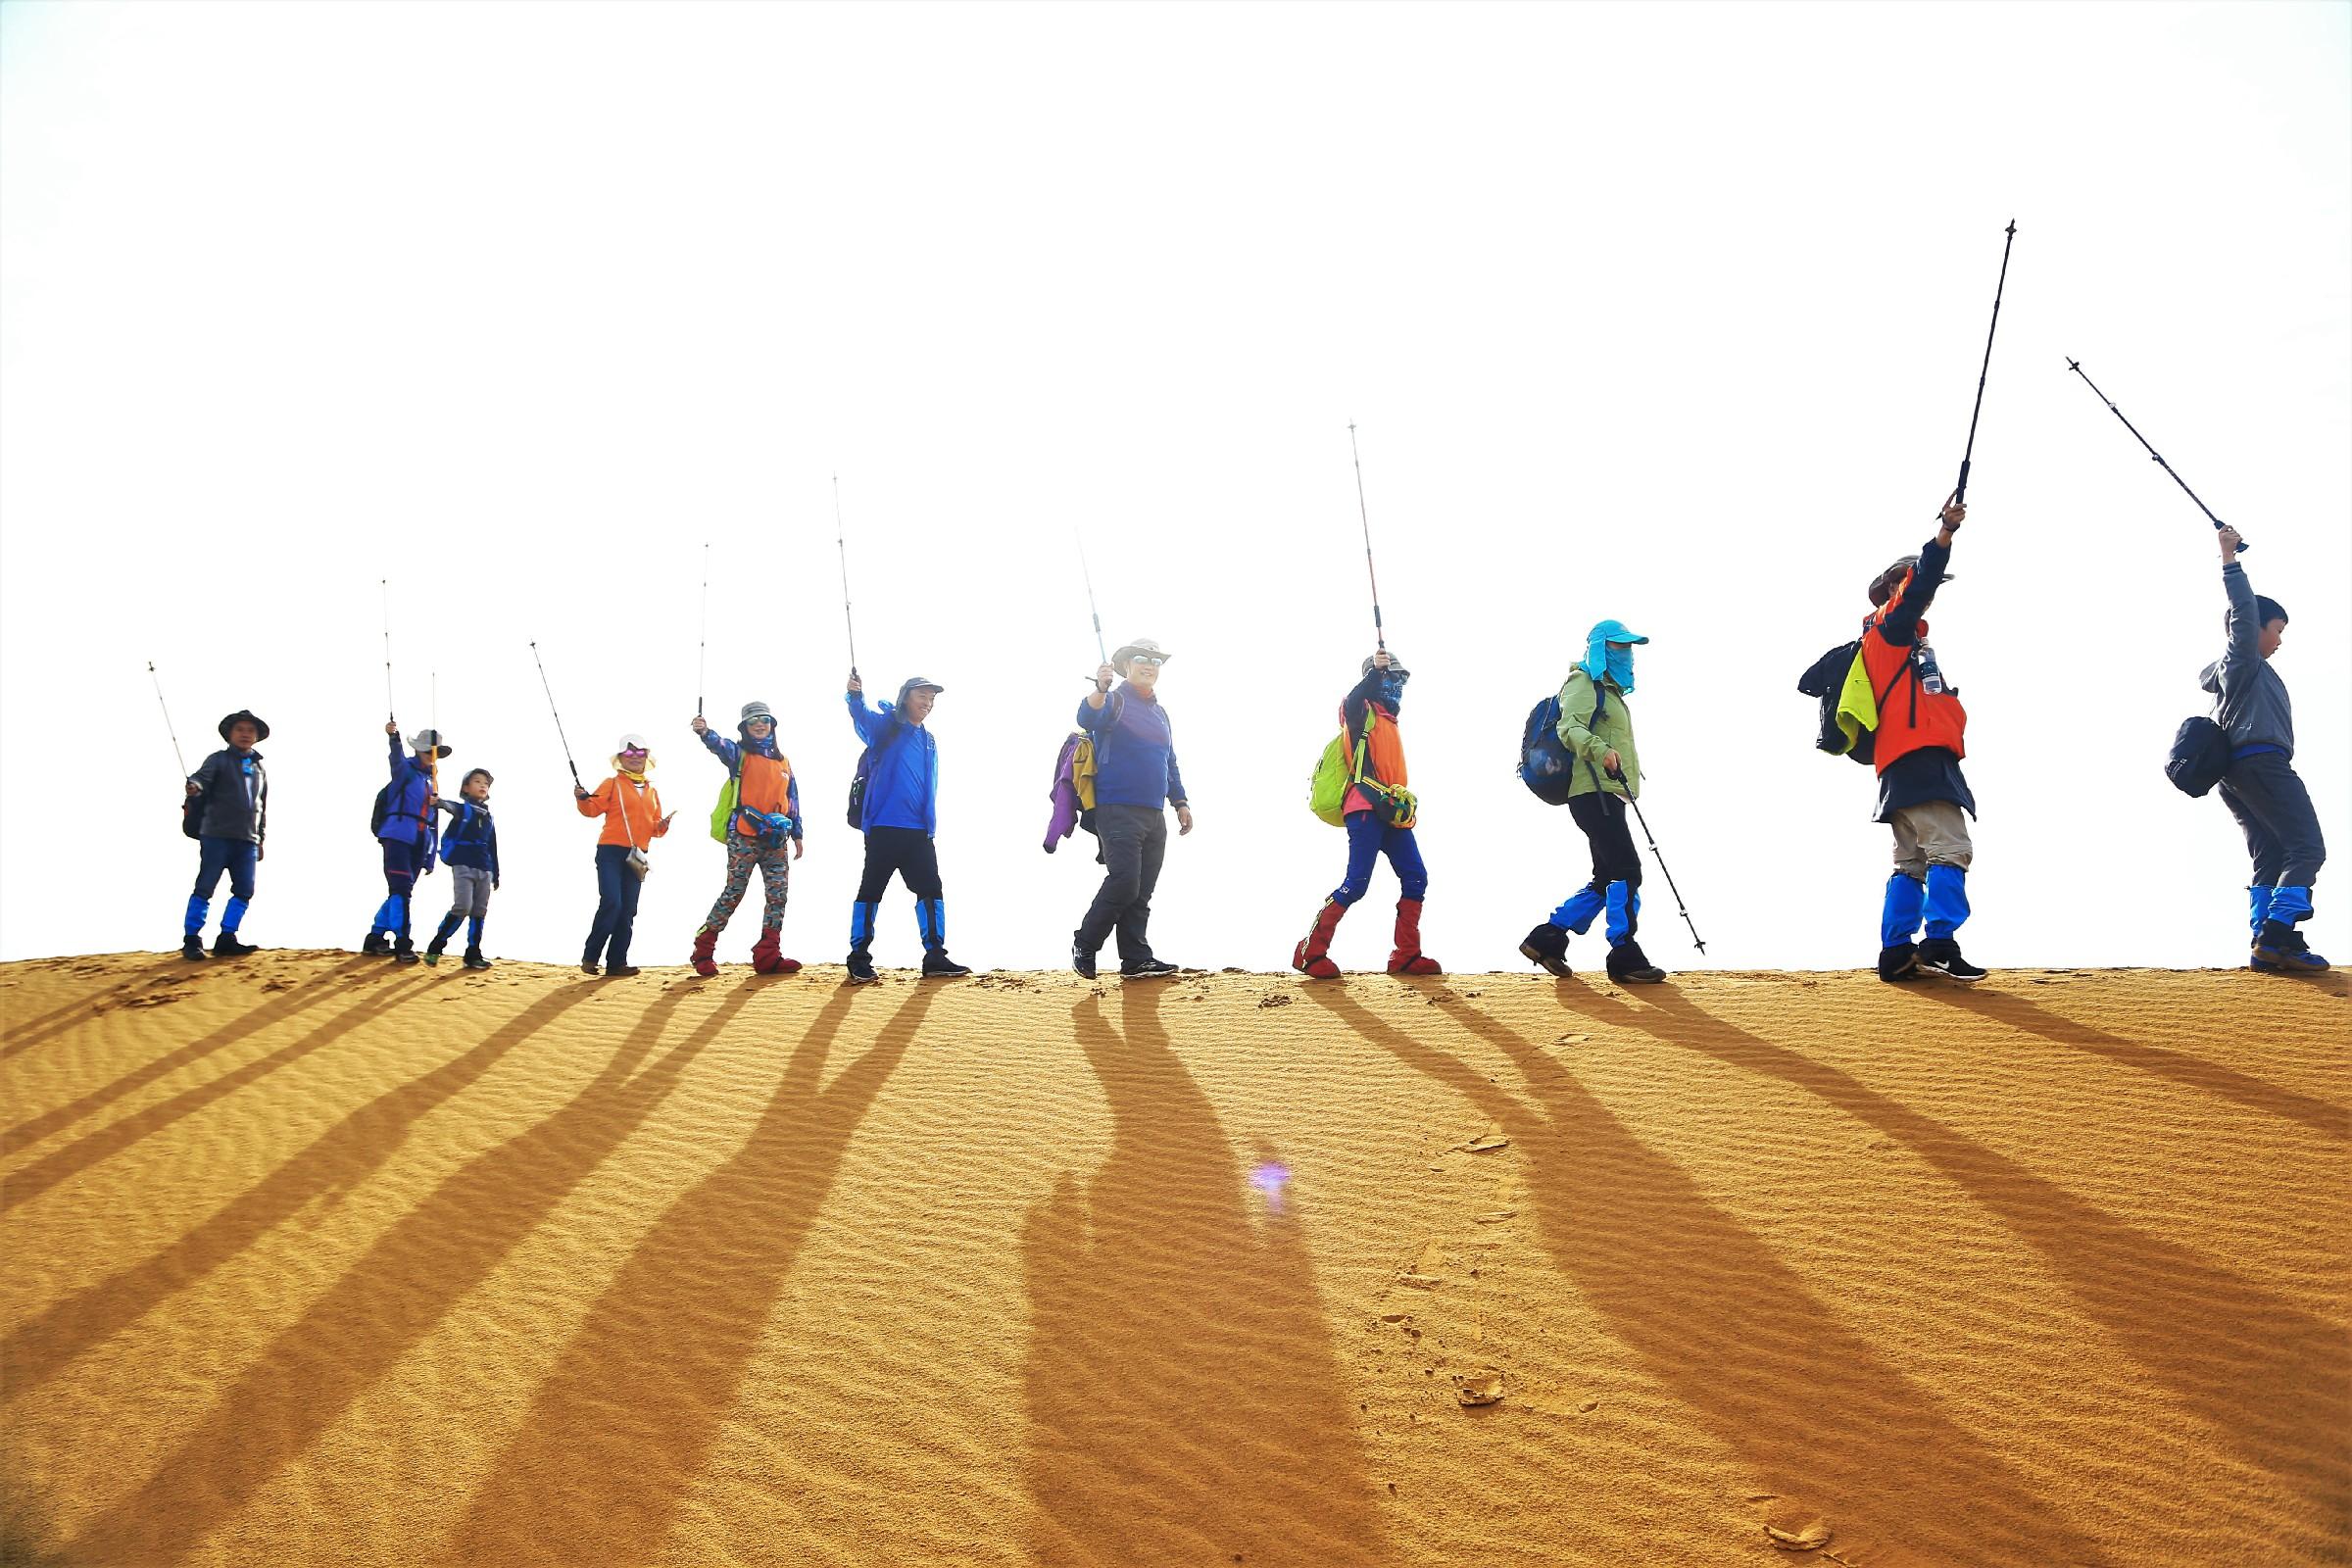 大漠朝圣•逐梦无惧 腾格里沙漠徒步体验行将再次启航!